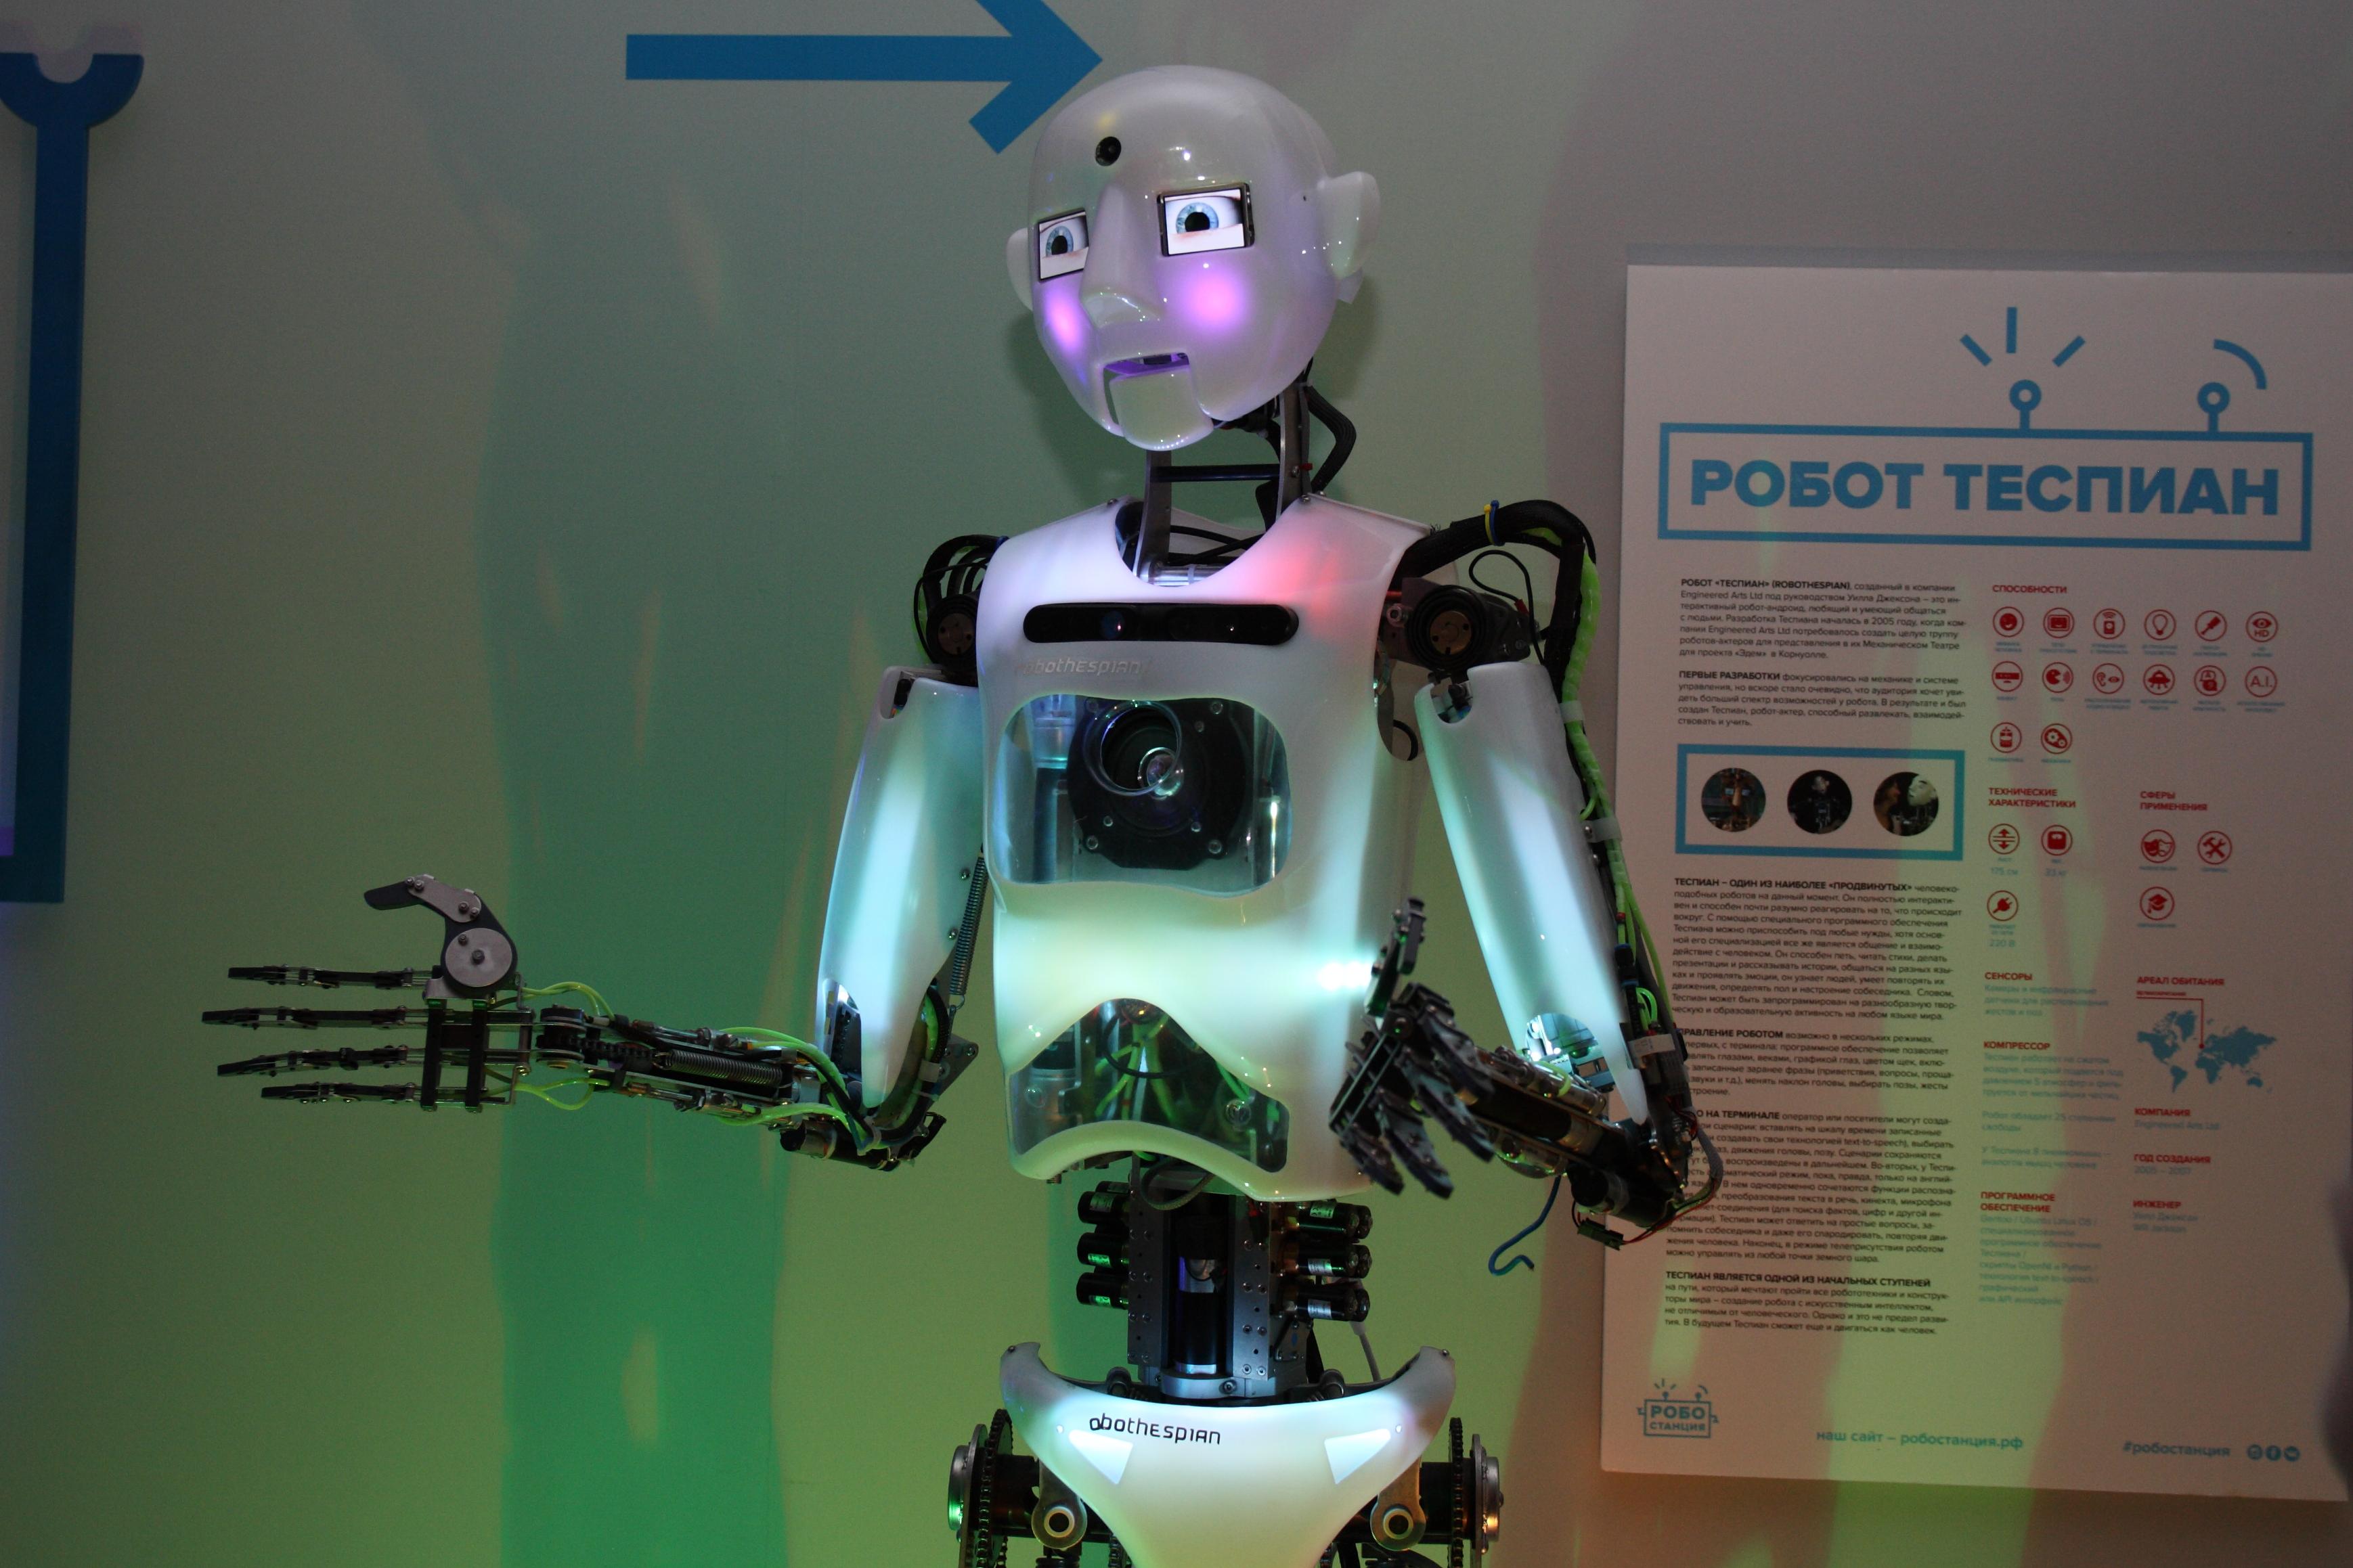 роботостанция робозагс на вднх фото информацией